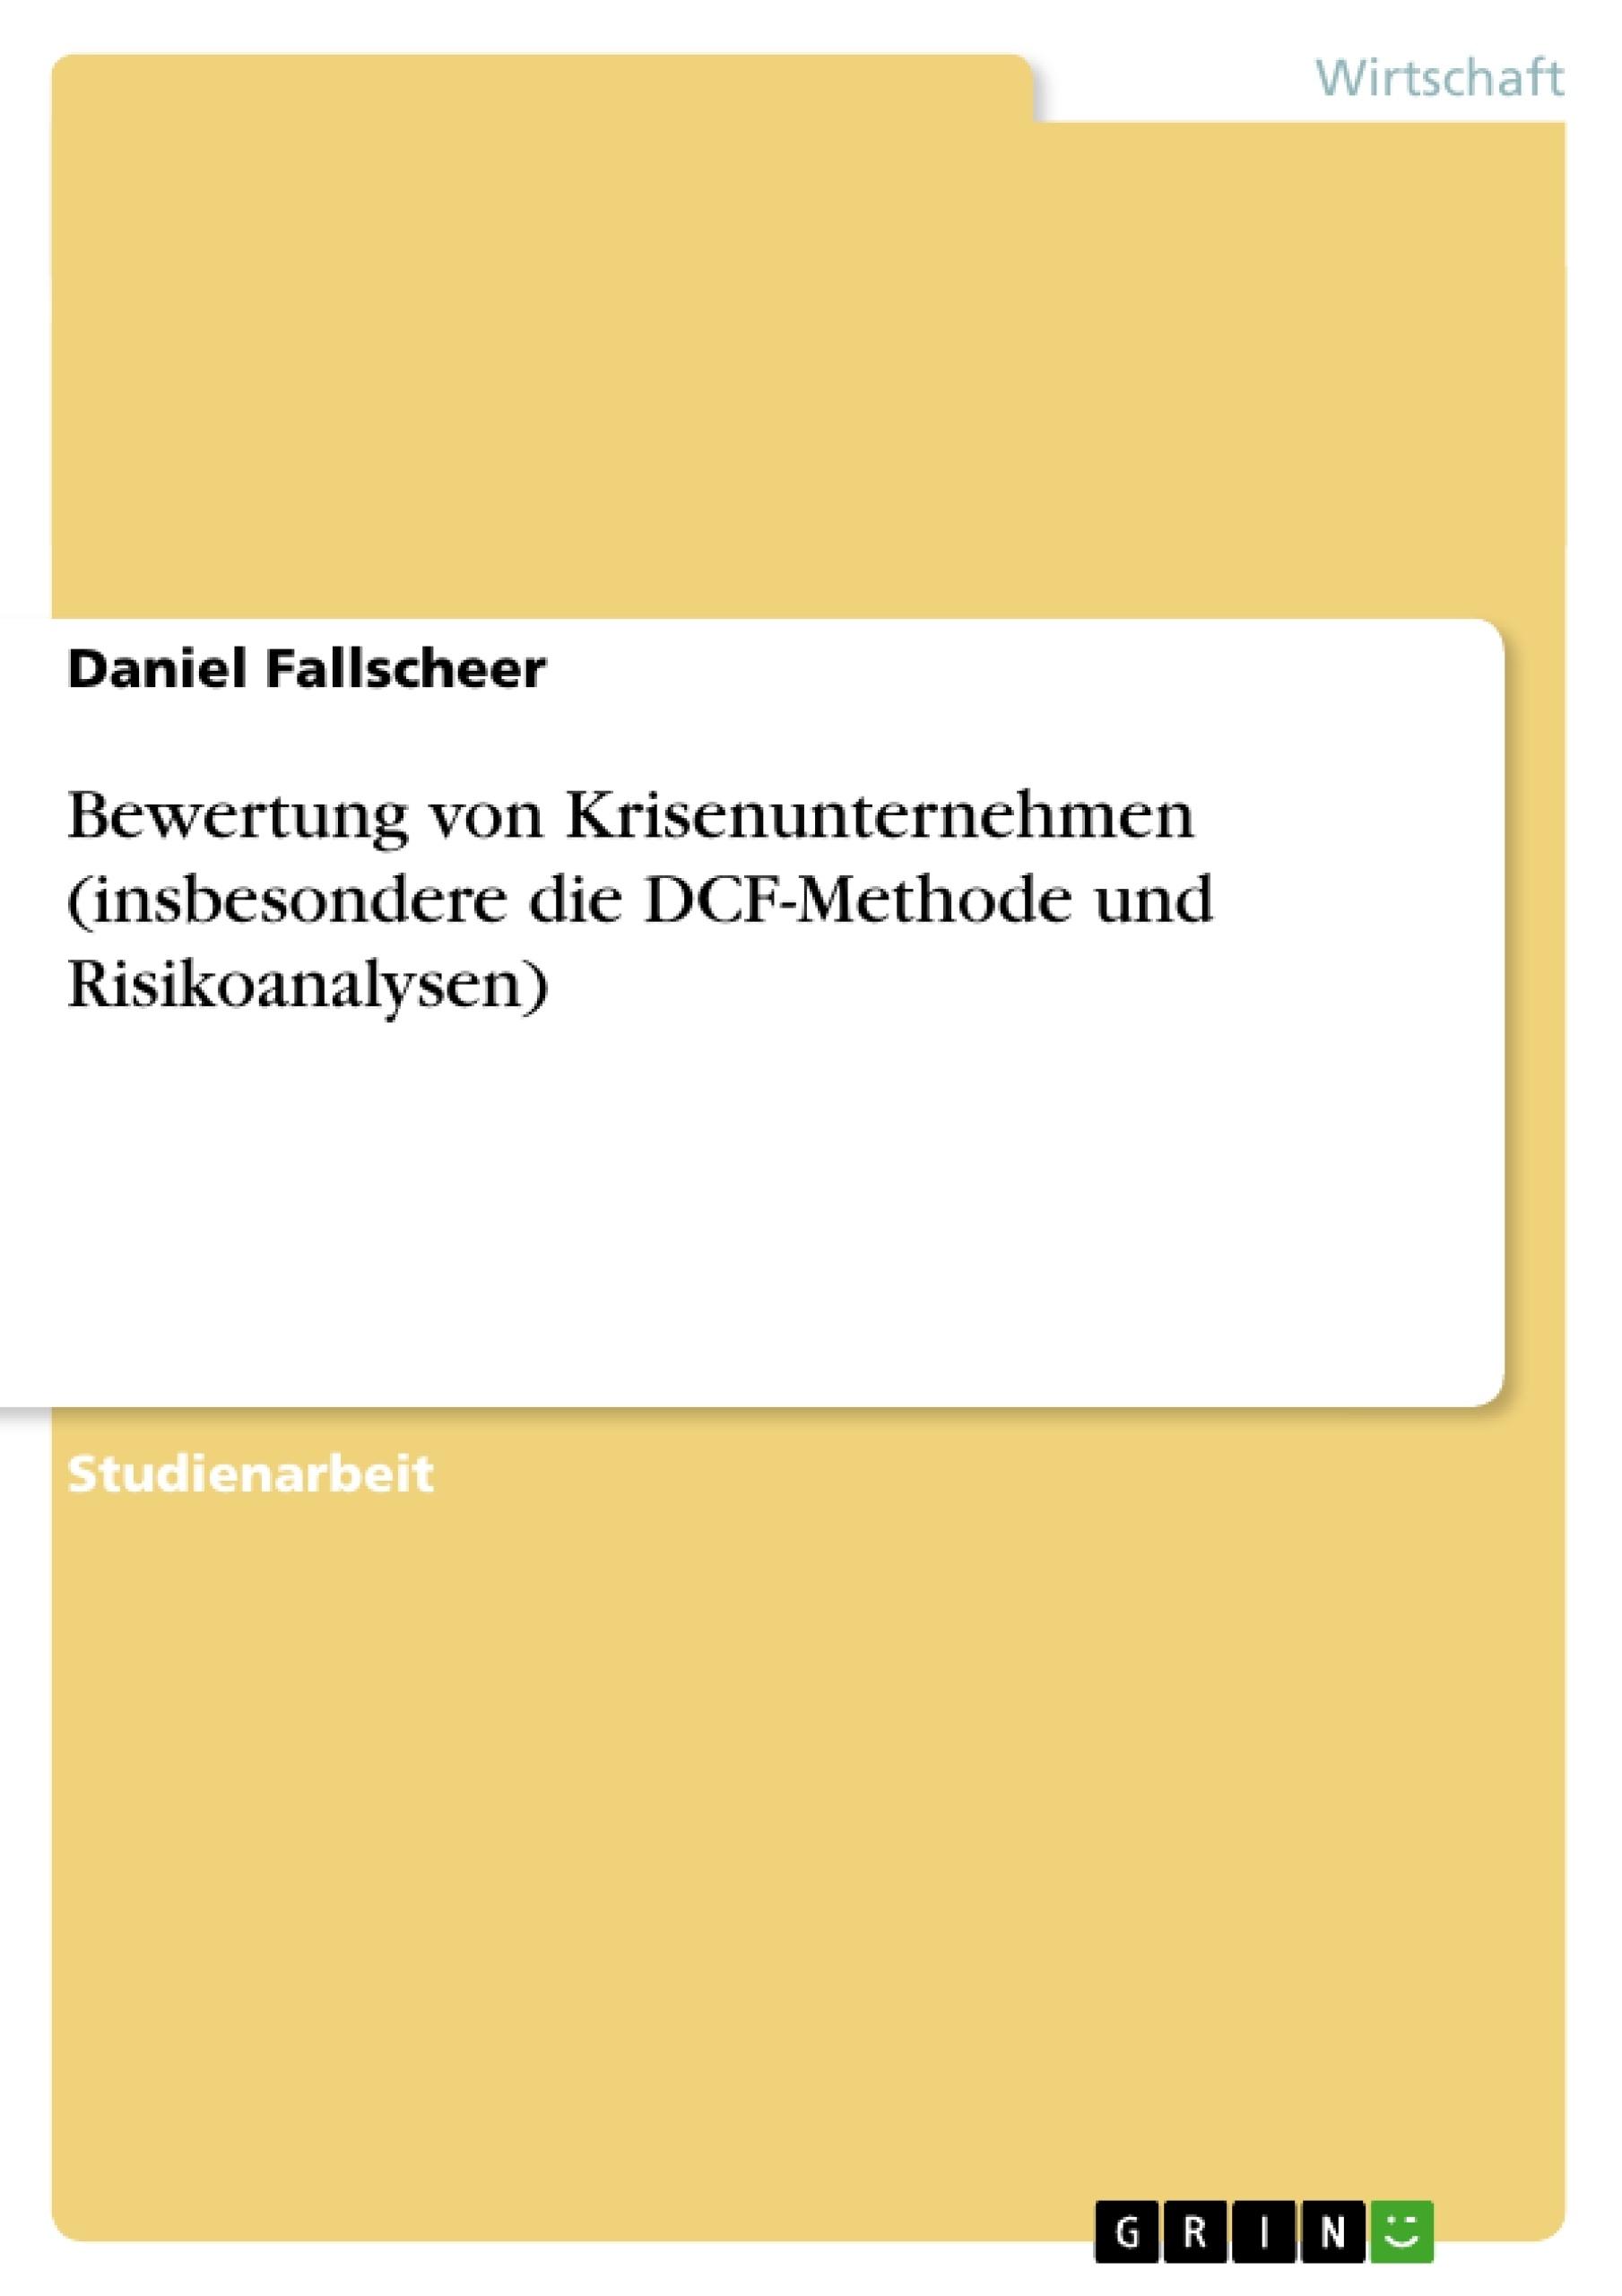 Titel: Bewertung von Krisenunternehmen (insbesondere die DCF-Methode und Risikoanalysen)